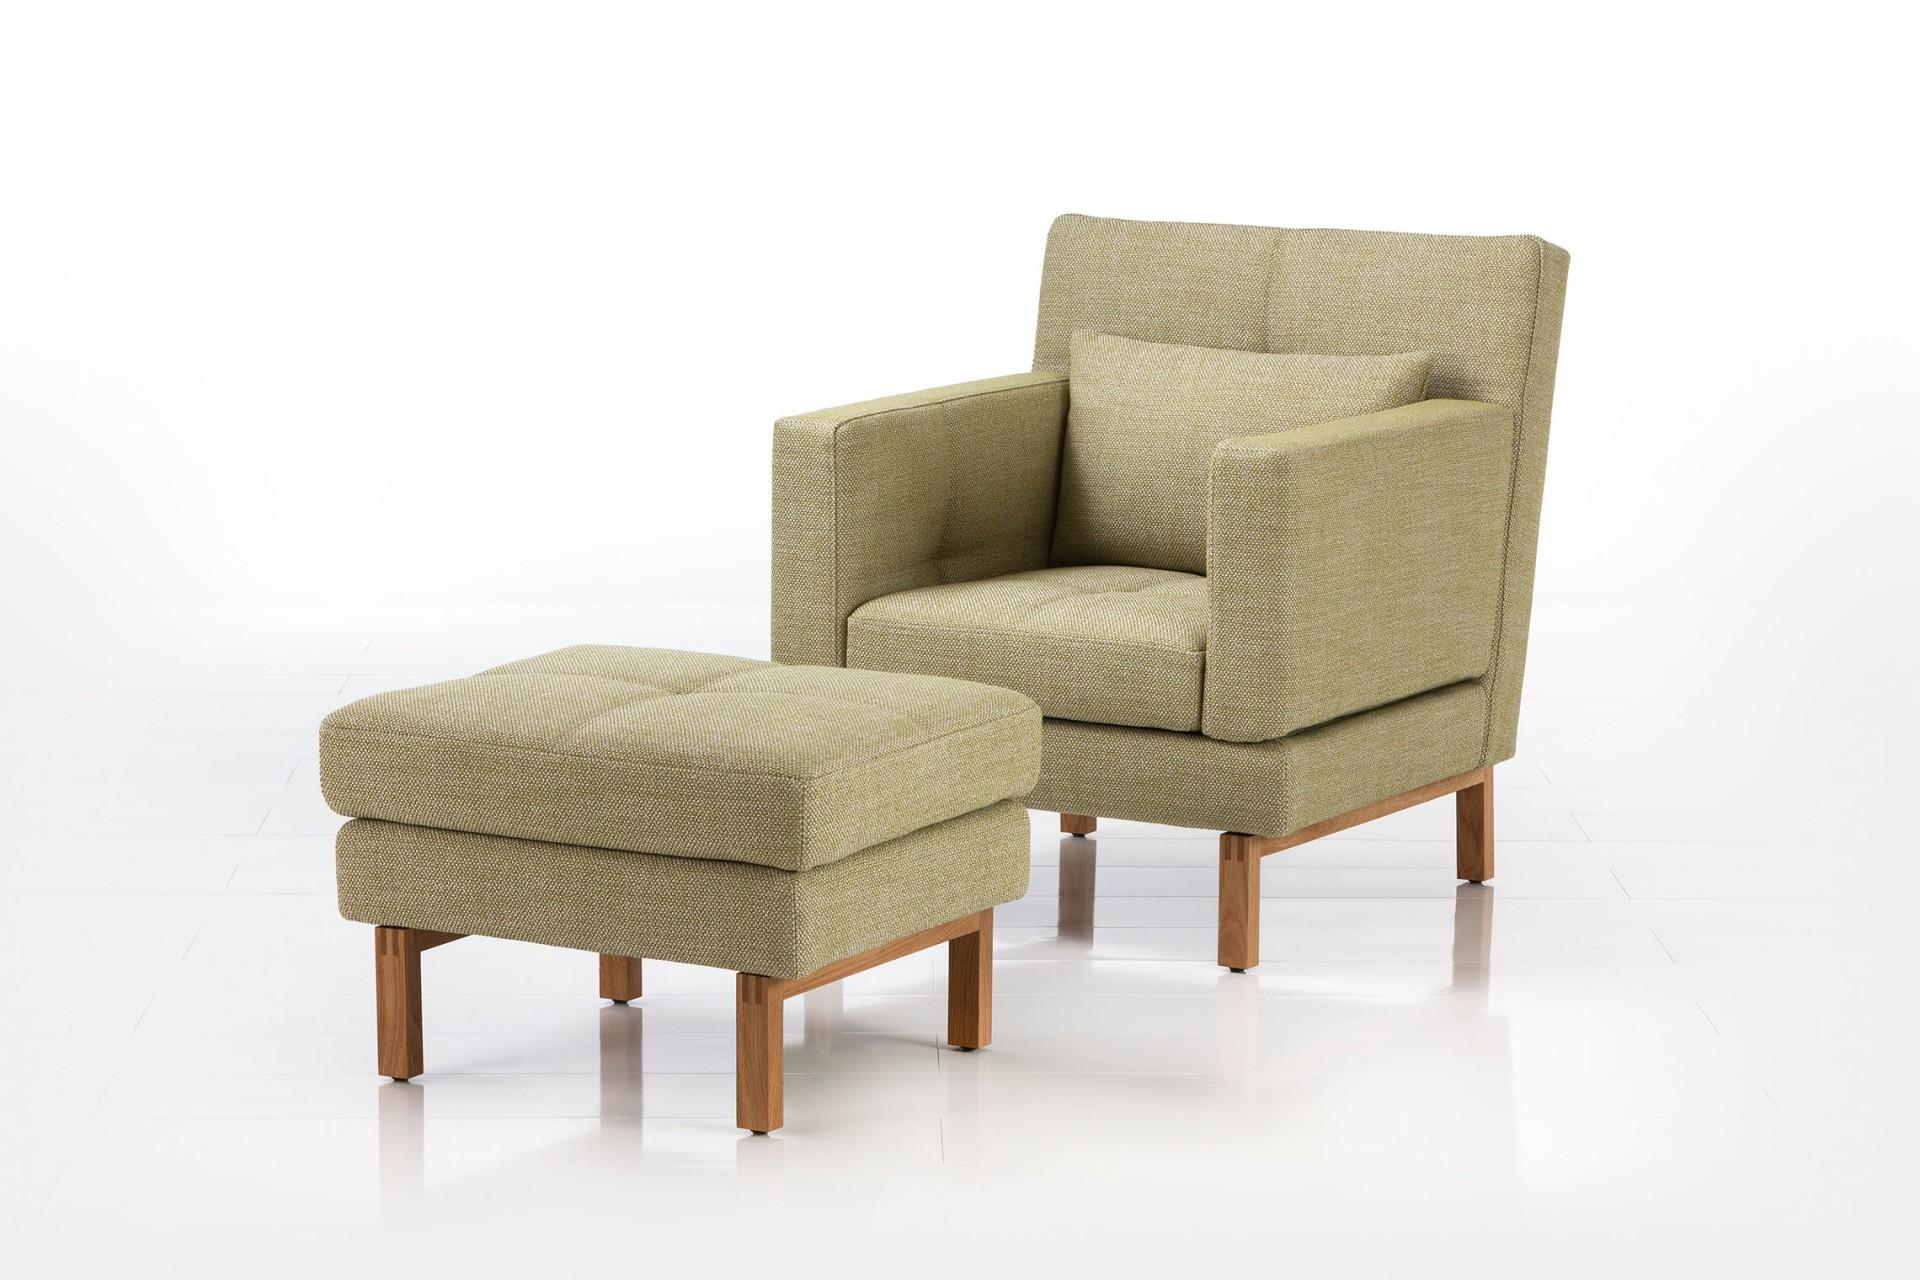 brühl Sessel Hocker Relax grün amber